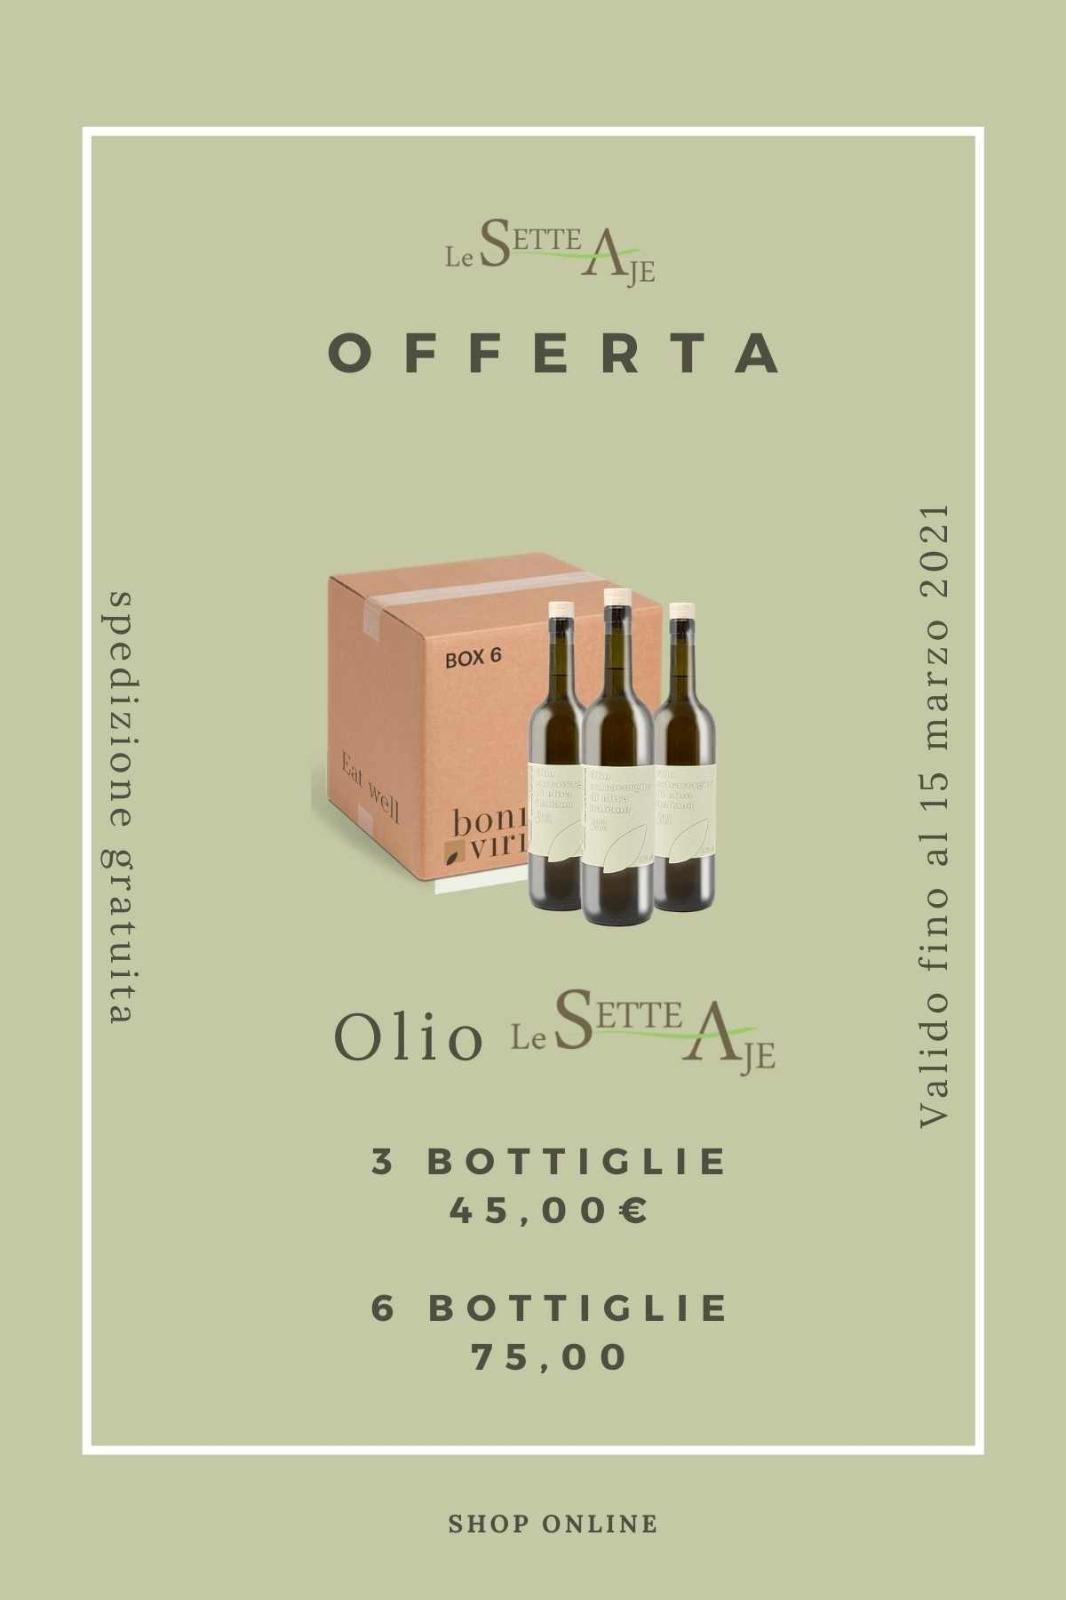 promozione-olio-evo-le-sette-aje